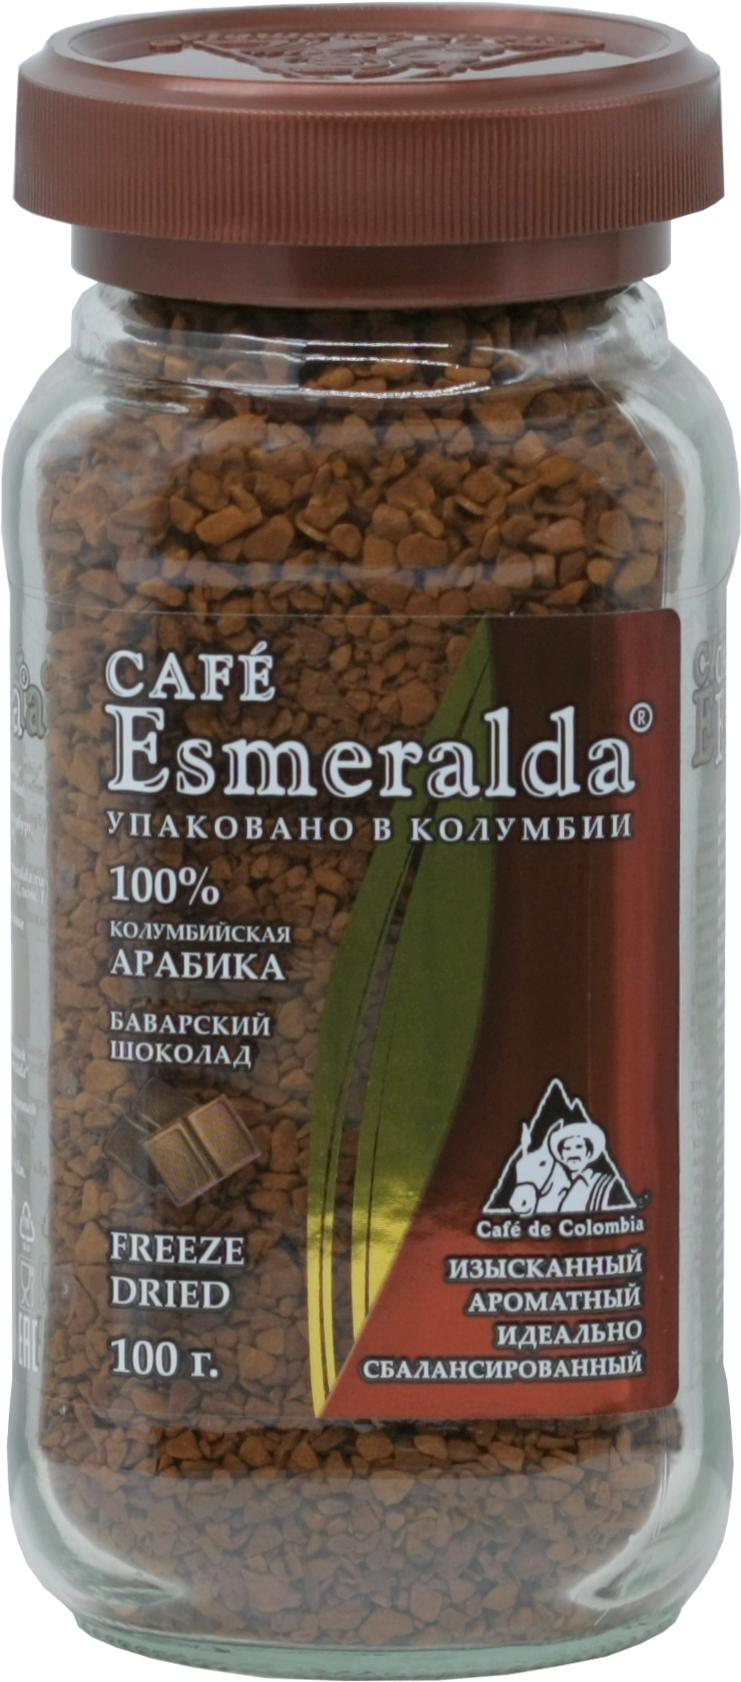 Cafe Esmeralda. Cafe Esmeralda баварский шоколад 100 гр. стекл.банка